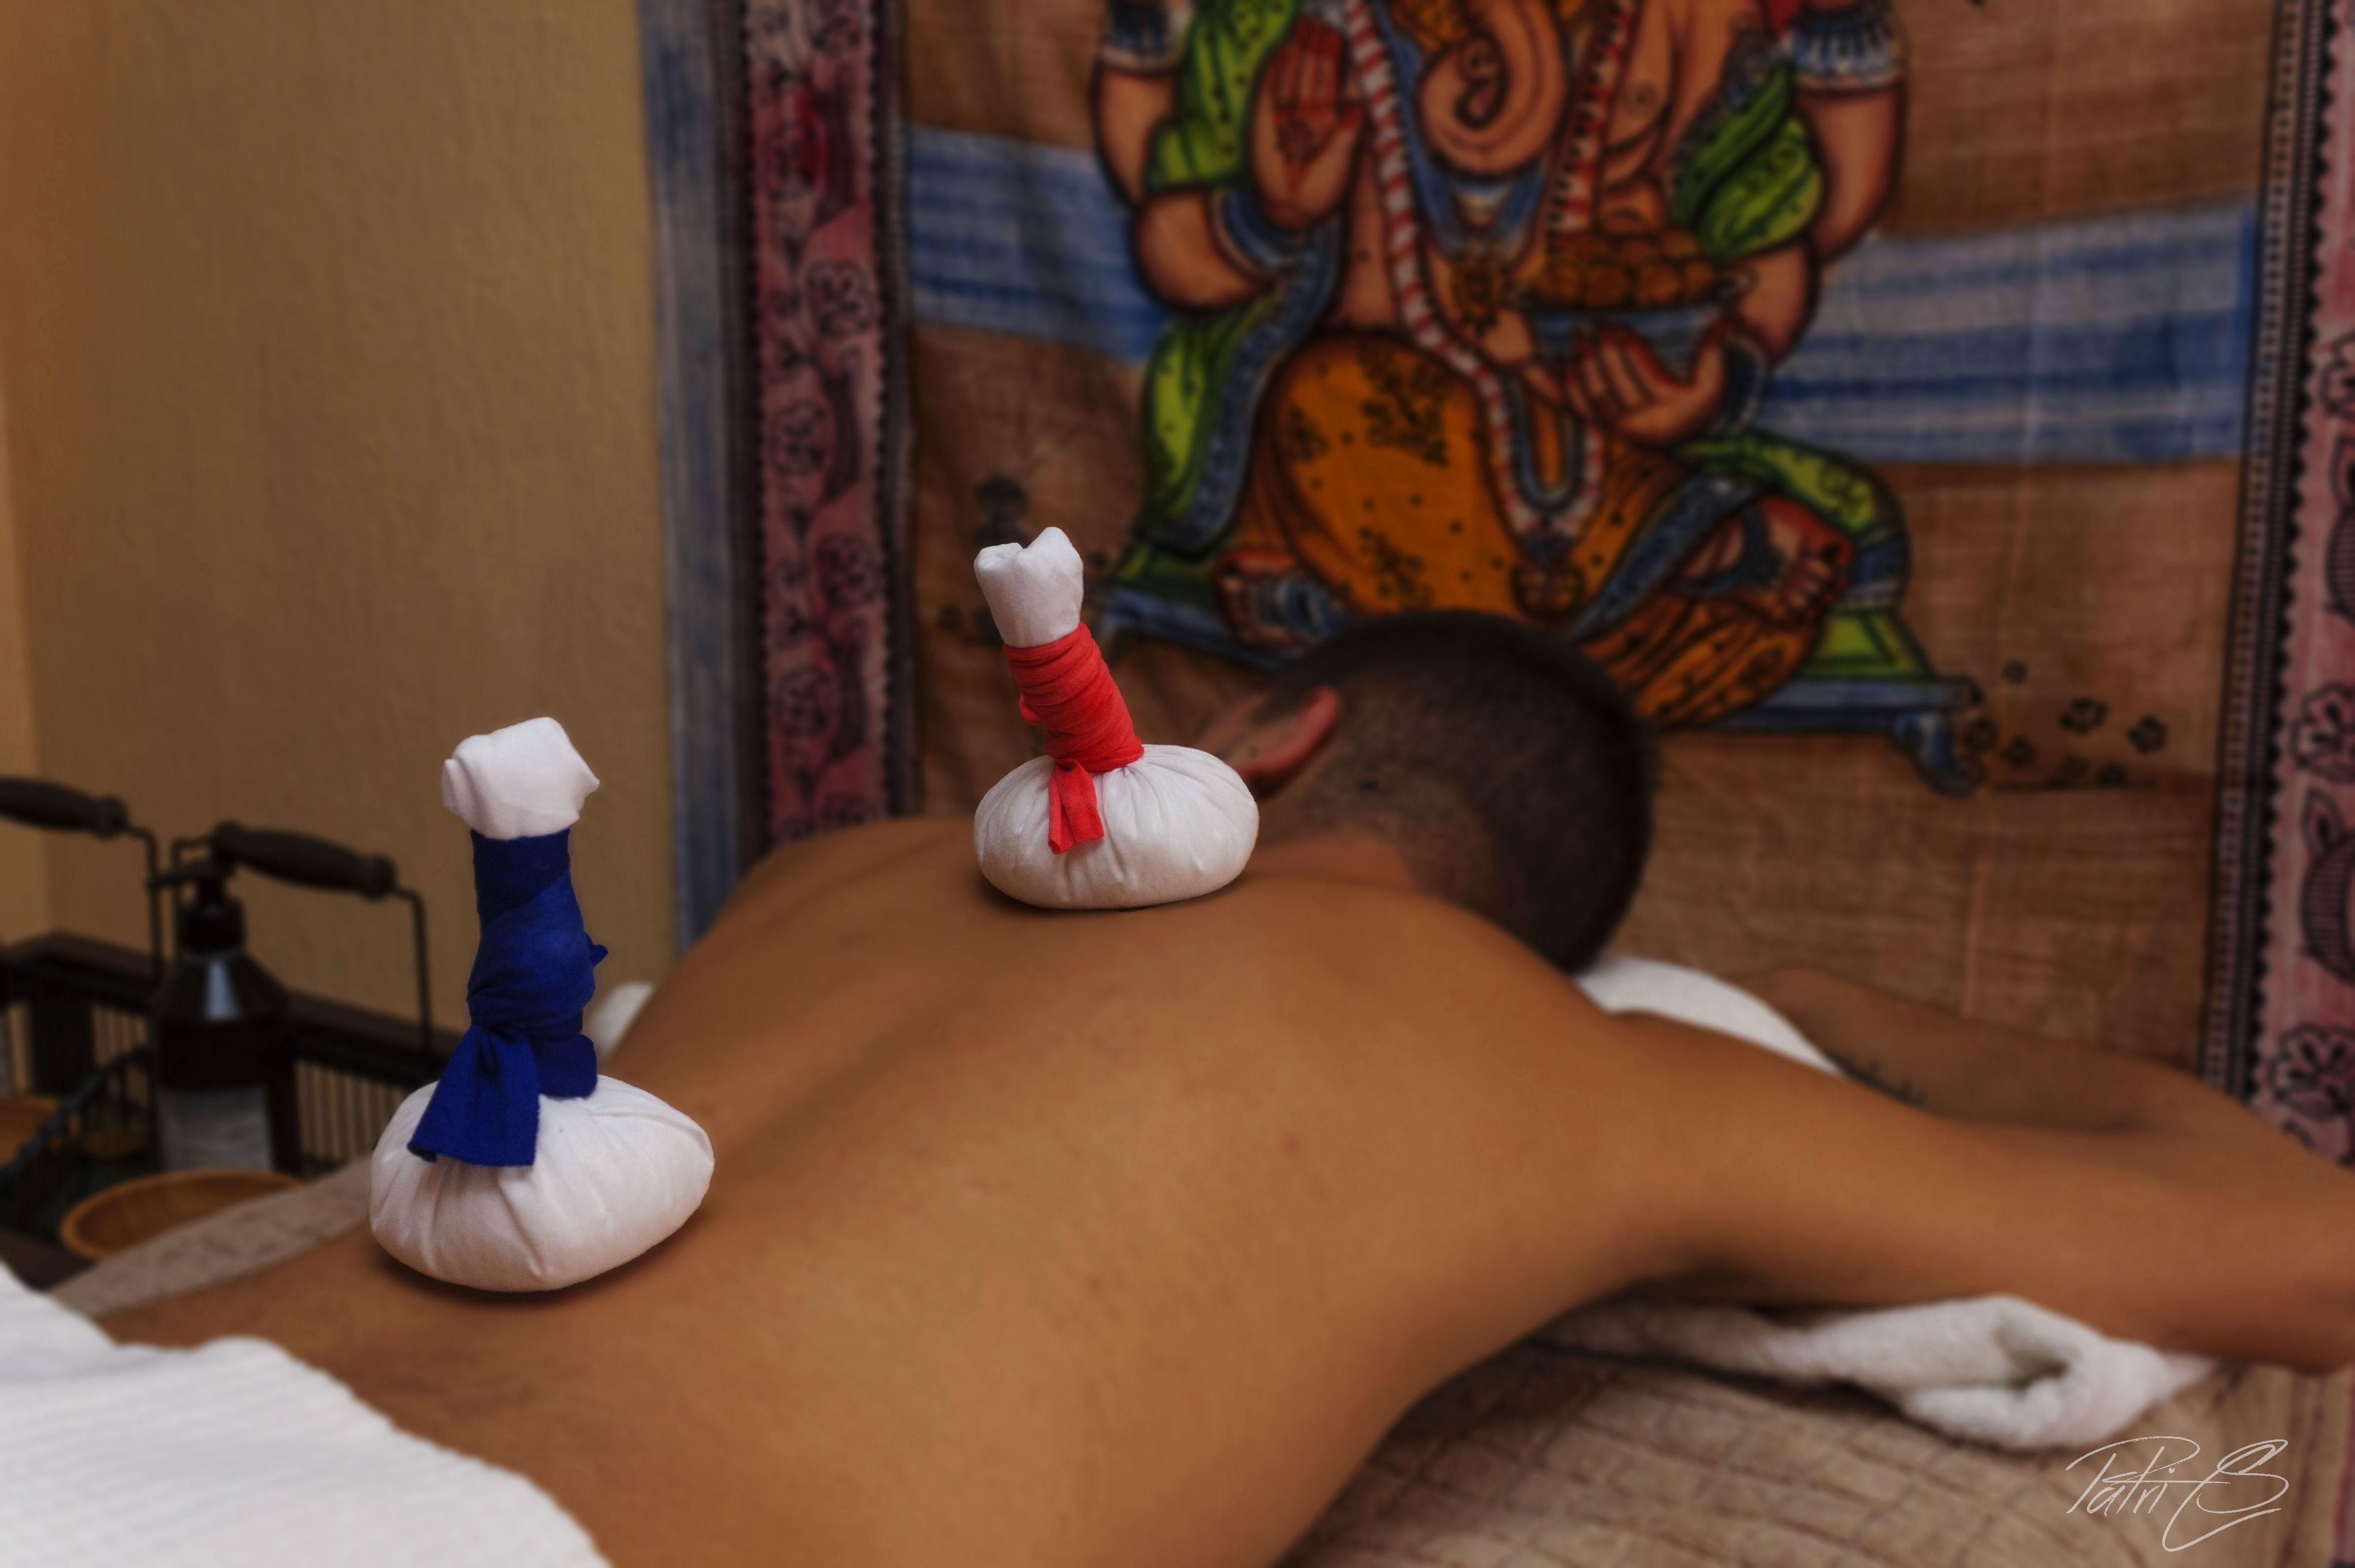 Foto 15 de Terapias naturales en Barcelona | Kumara Centro Holístico